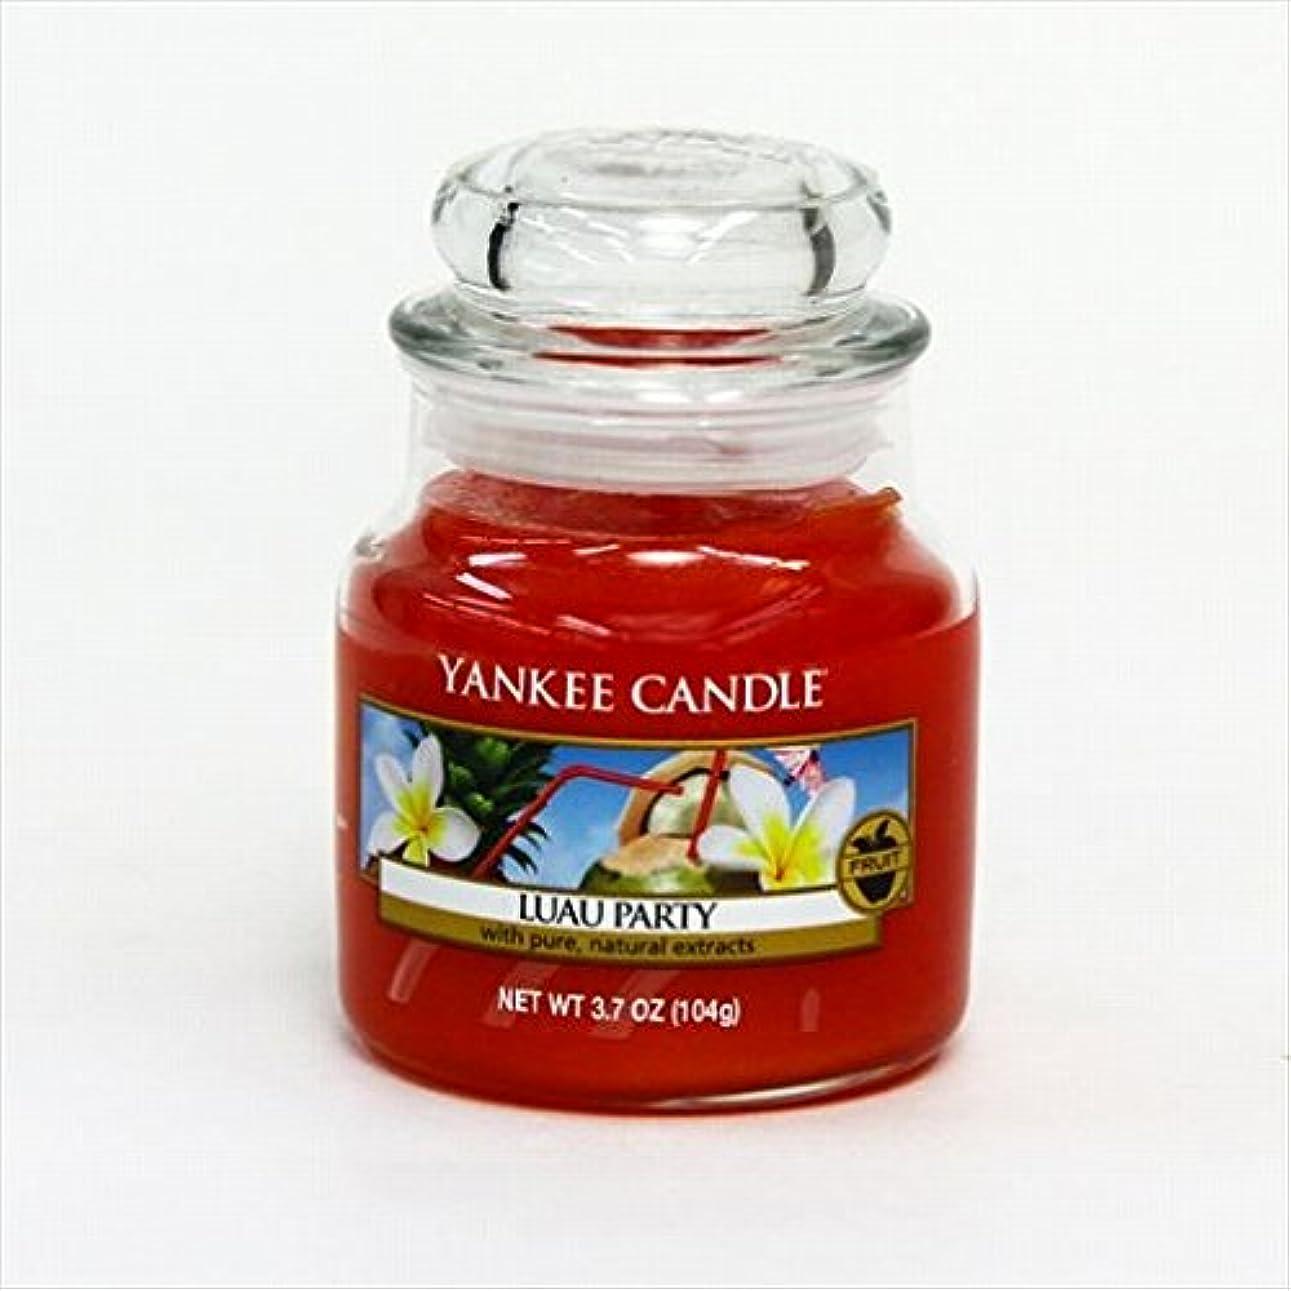 電気的ファイアルネックレスカメヤマキャンドル(kameyama candle) YANKEE CANDLE ジャーS 「 ルーアウパーティ 」